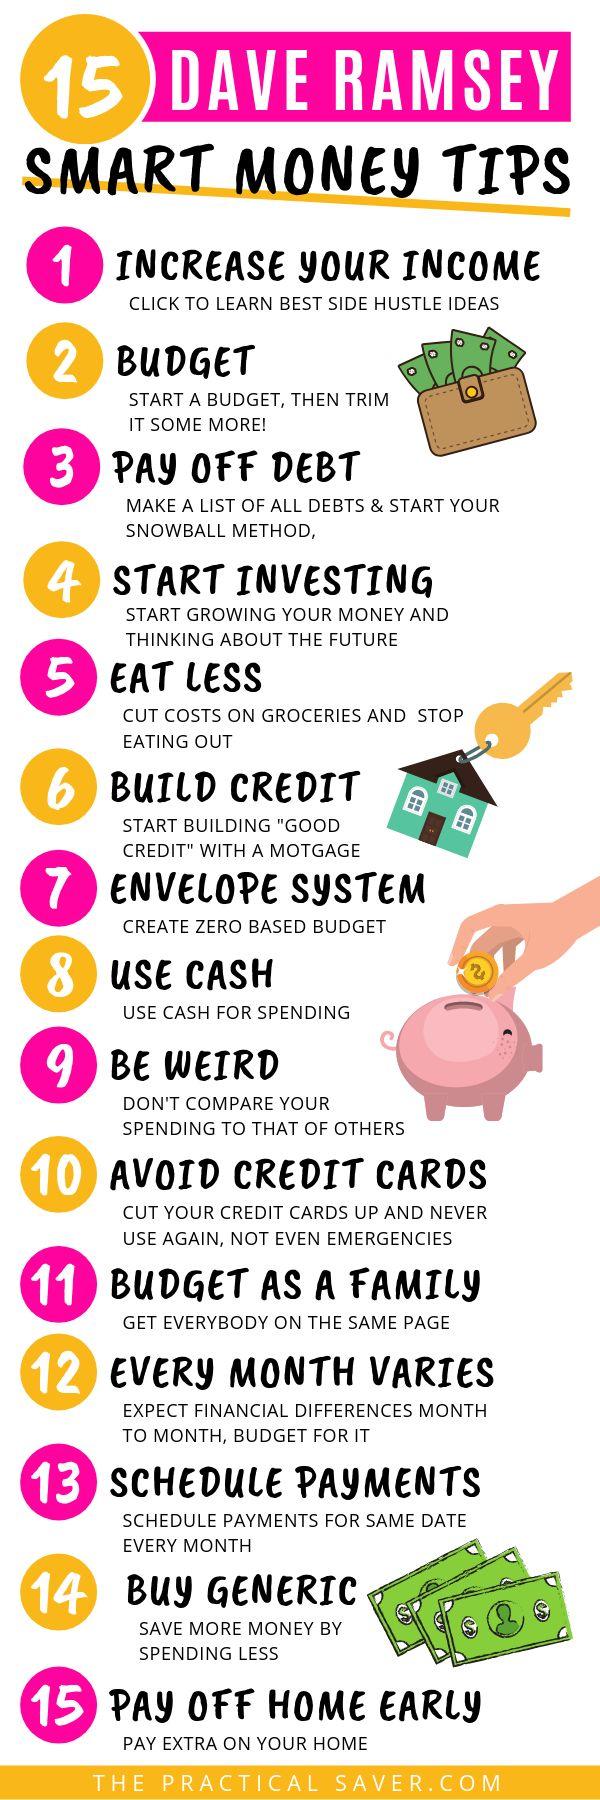 Dave Ramsey Tips: 15 Best Smart Money Tips